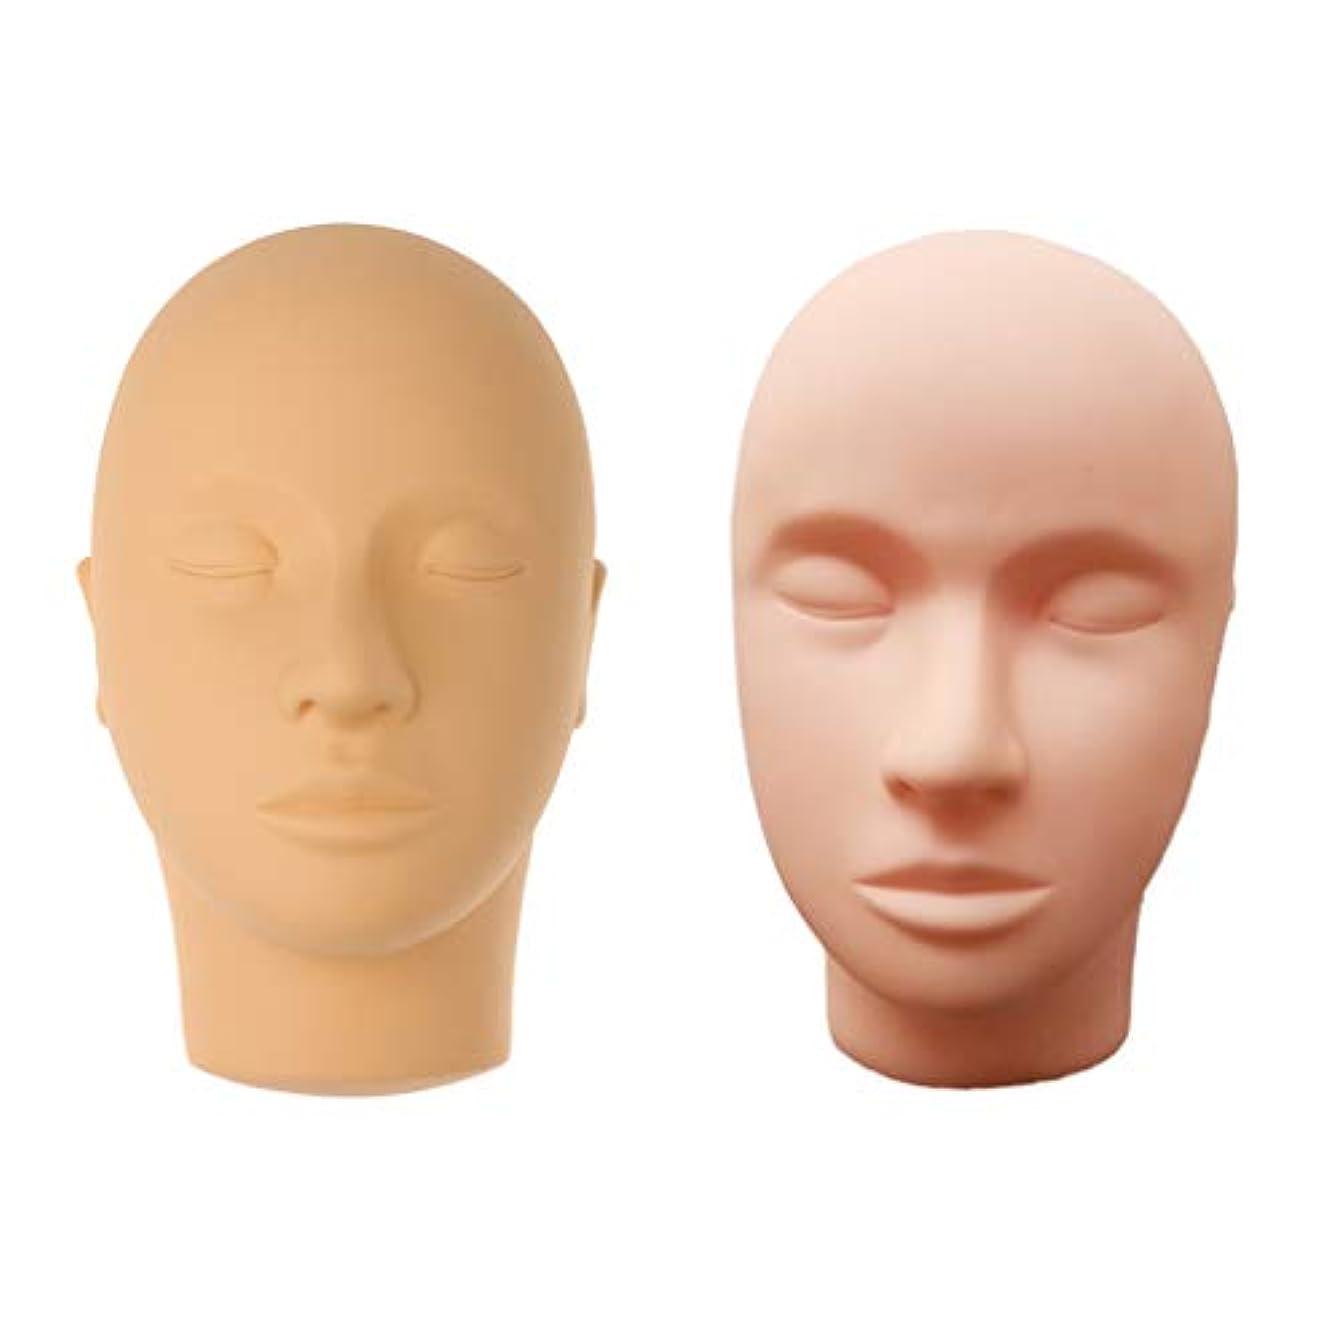 ビジョン感性バイナリT TOOYFUL マネキンヘッド モデル 肌色 メイクアップ まつげエクステ 化粧 メイクアップ トレーニング サロン用